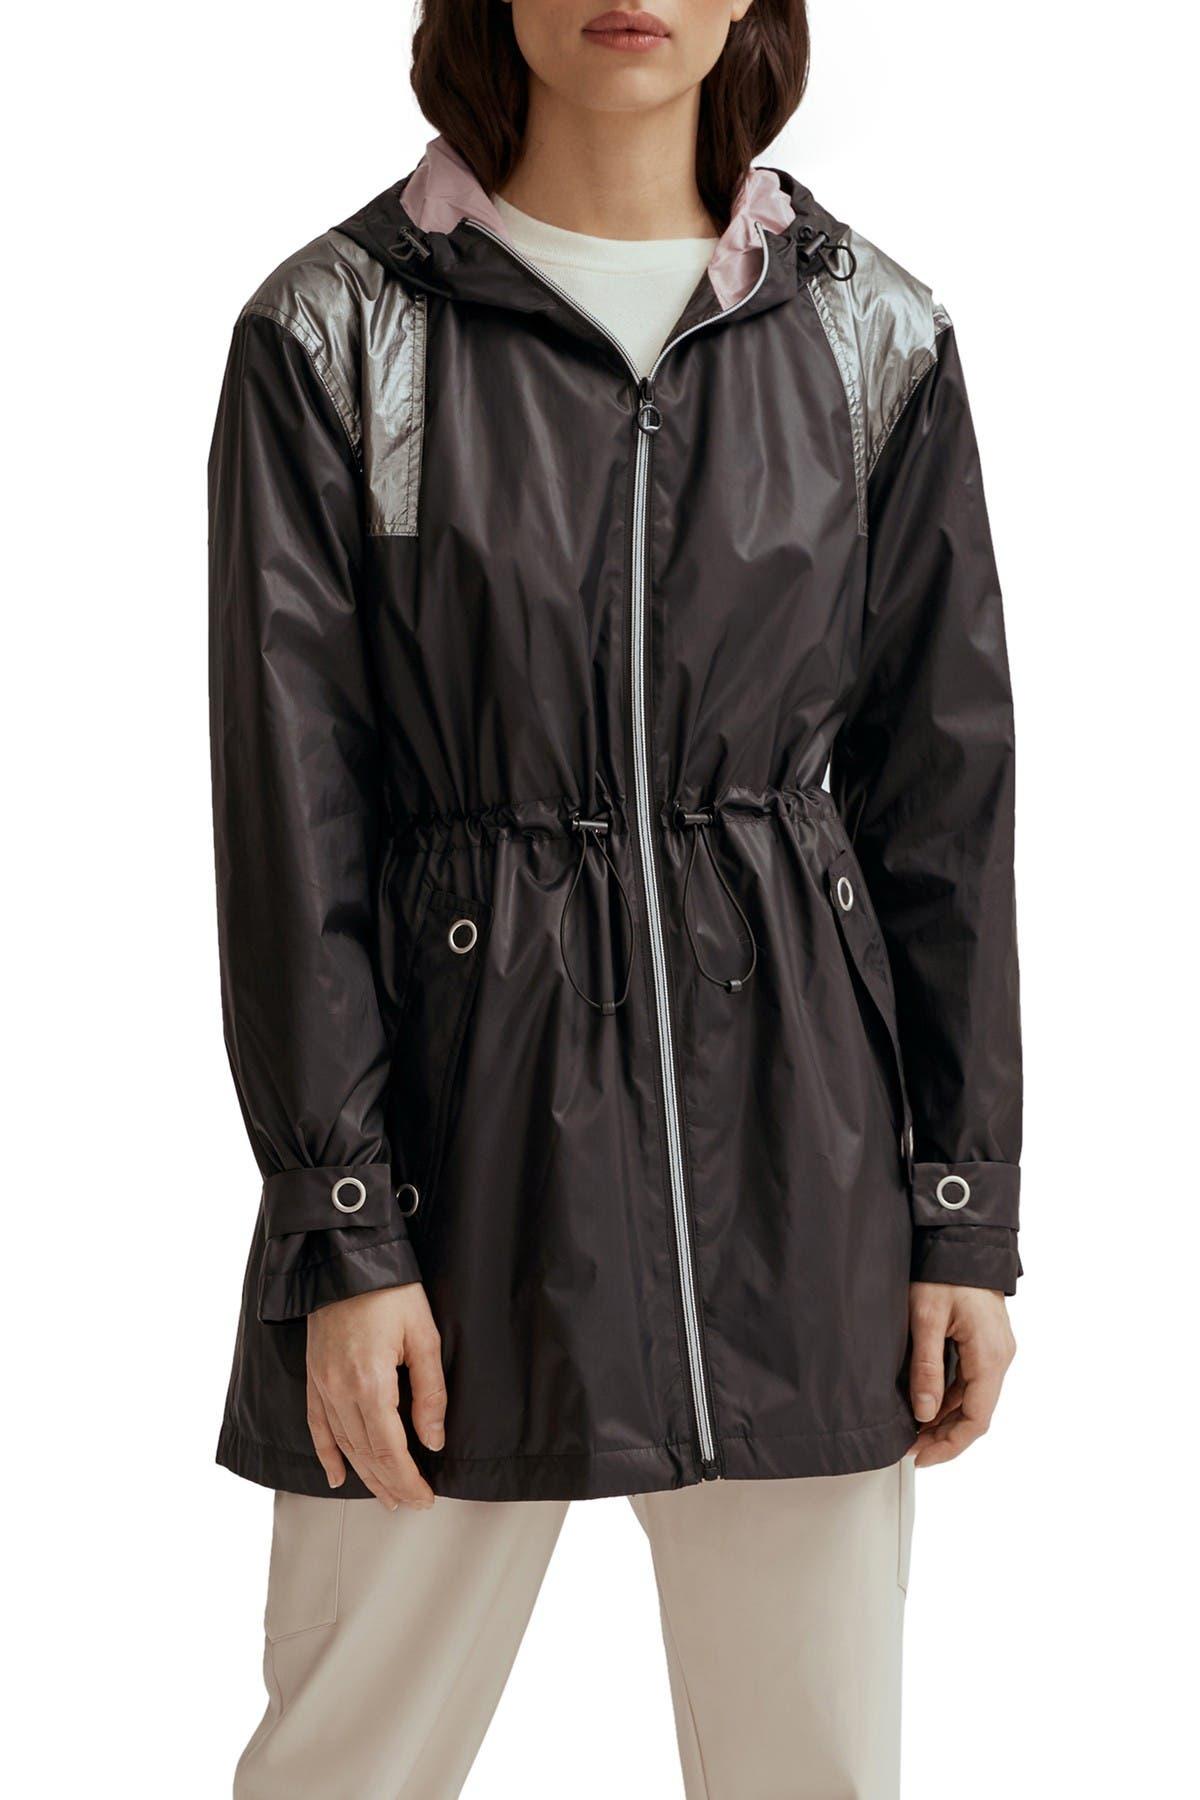 Image of NOIZE Everly Windbreaker jacket